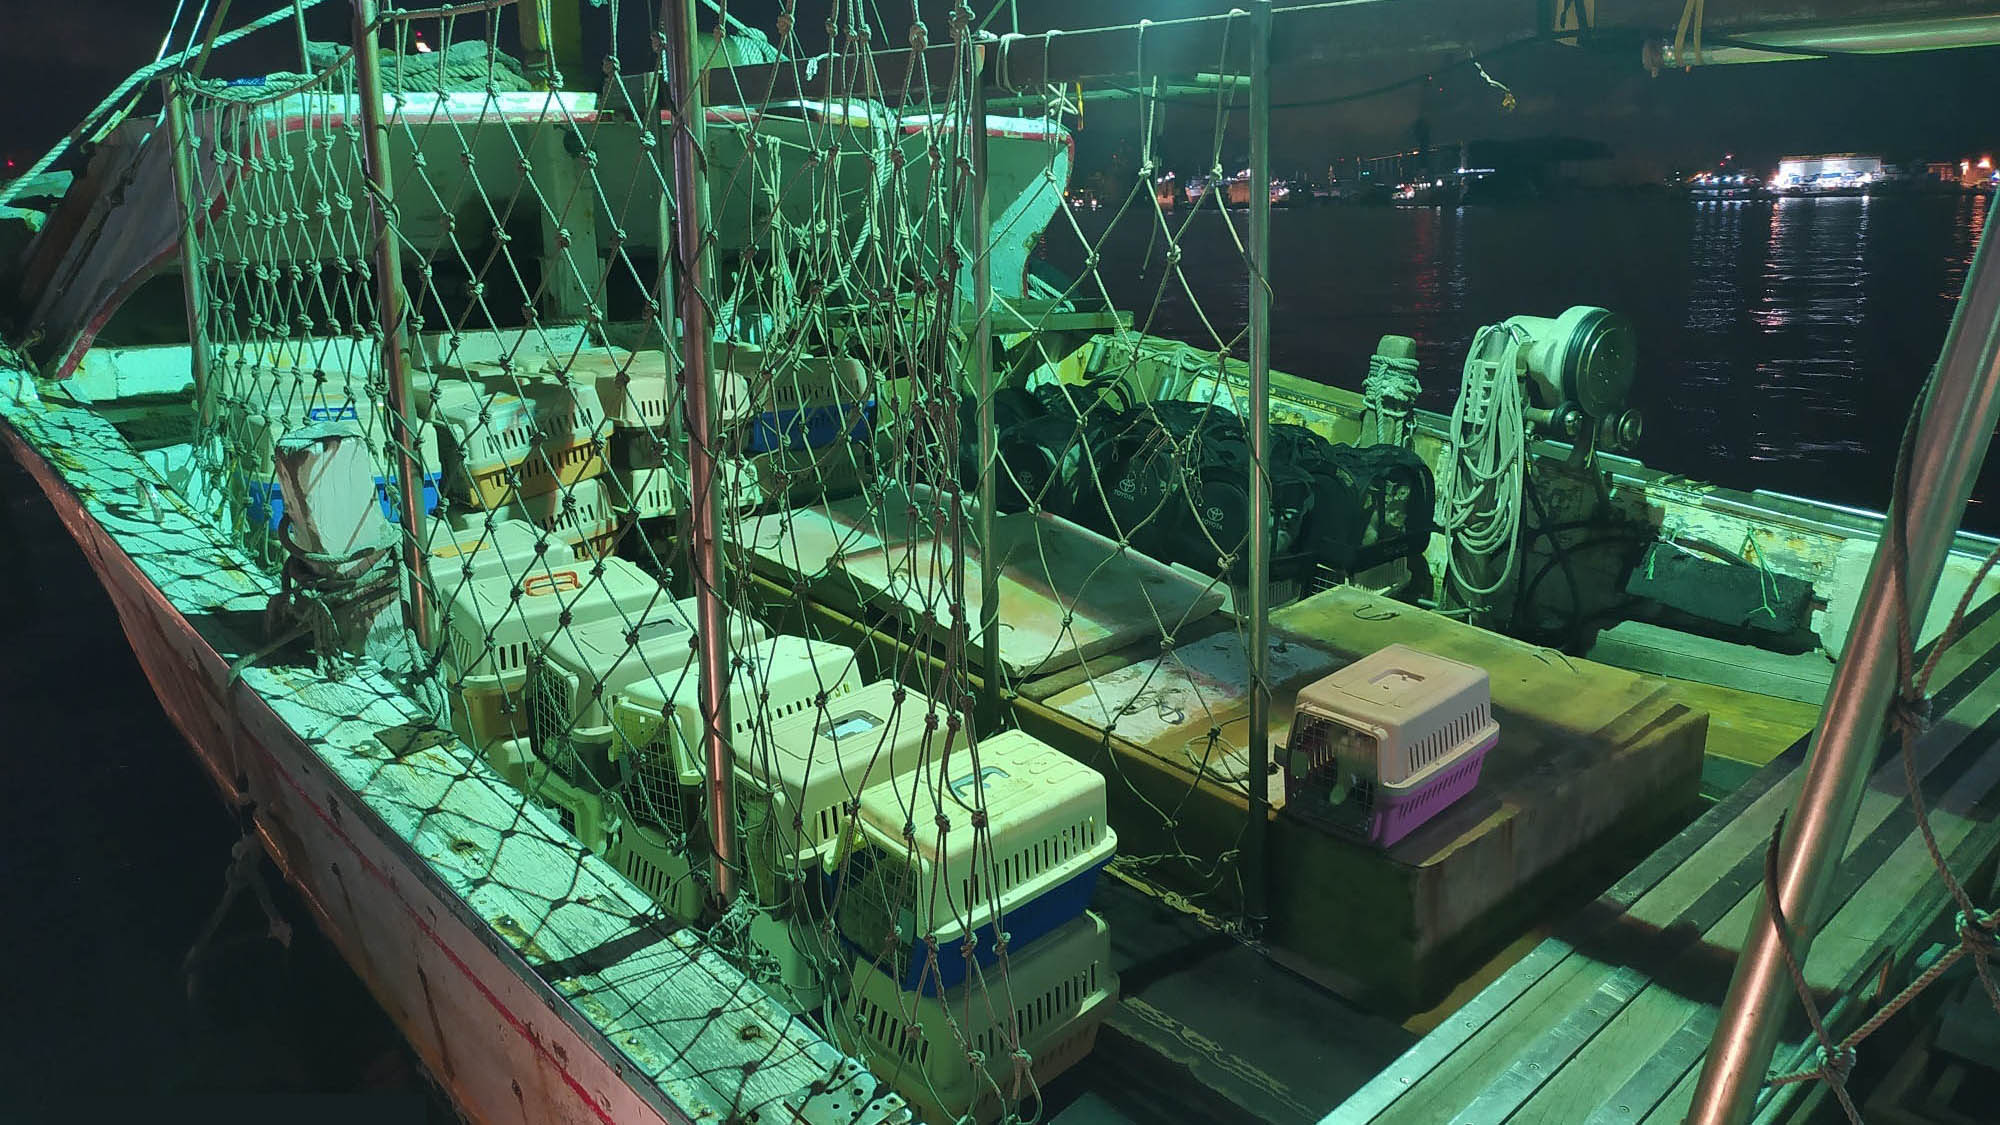 8月底台湾渔船从中国走私大批品种猫,循线追踪,合法繁殖商涉嫌下单。(台湾海巡署提供)